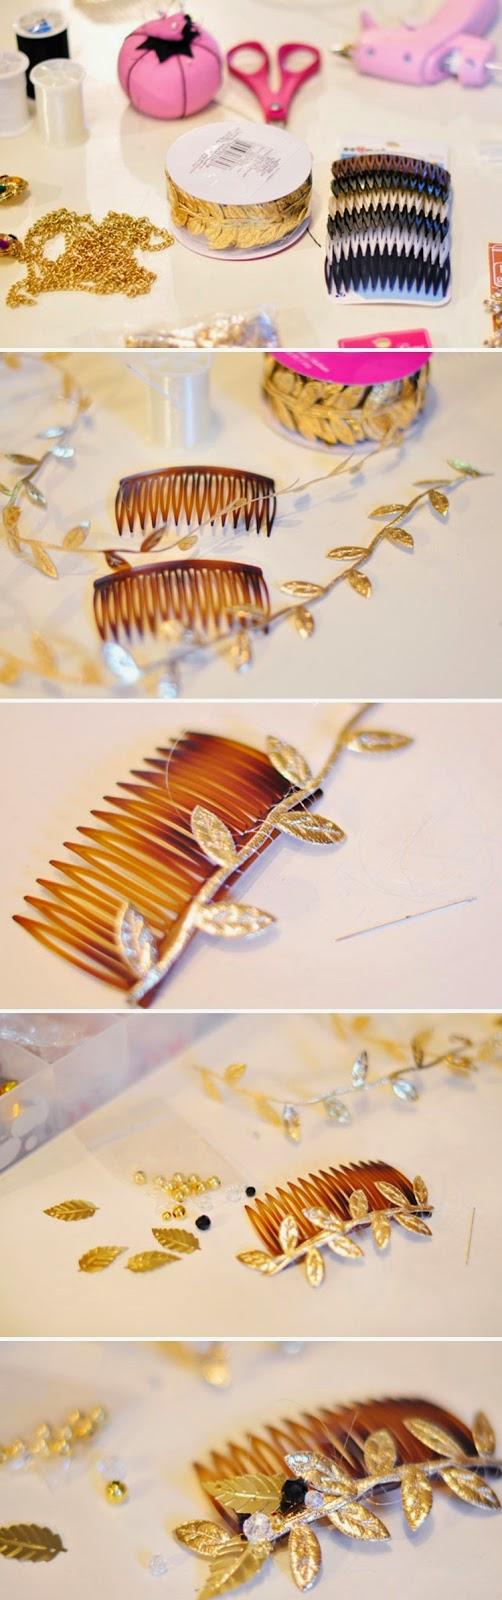 Relasé: Accessori per i capelli Fai da Te - tutorial ...